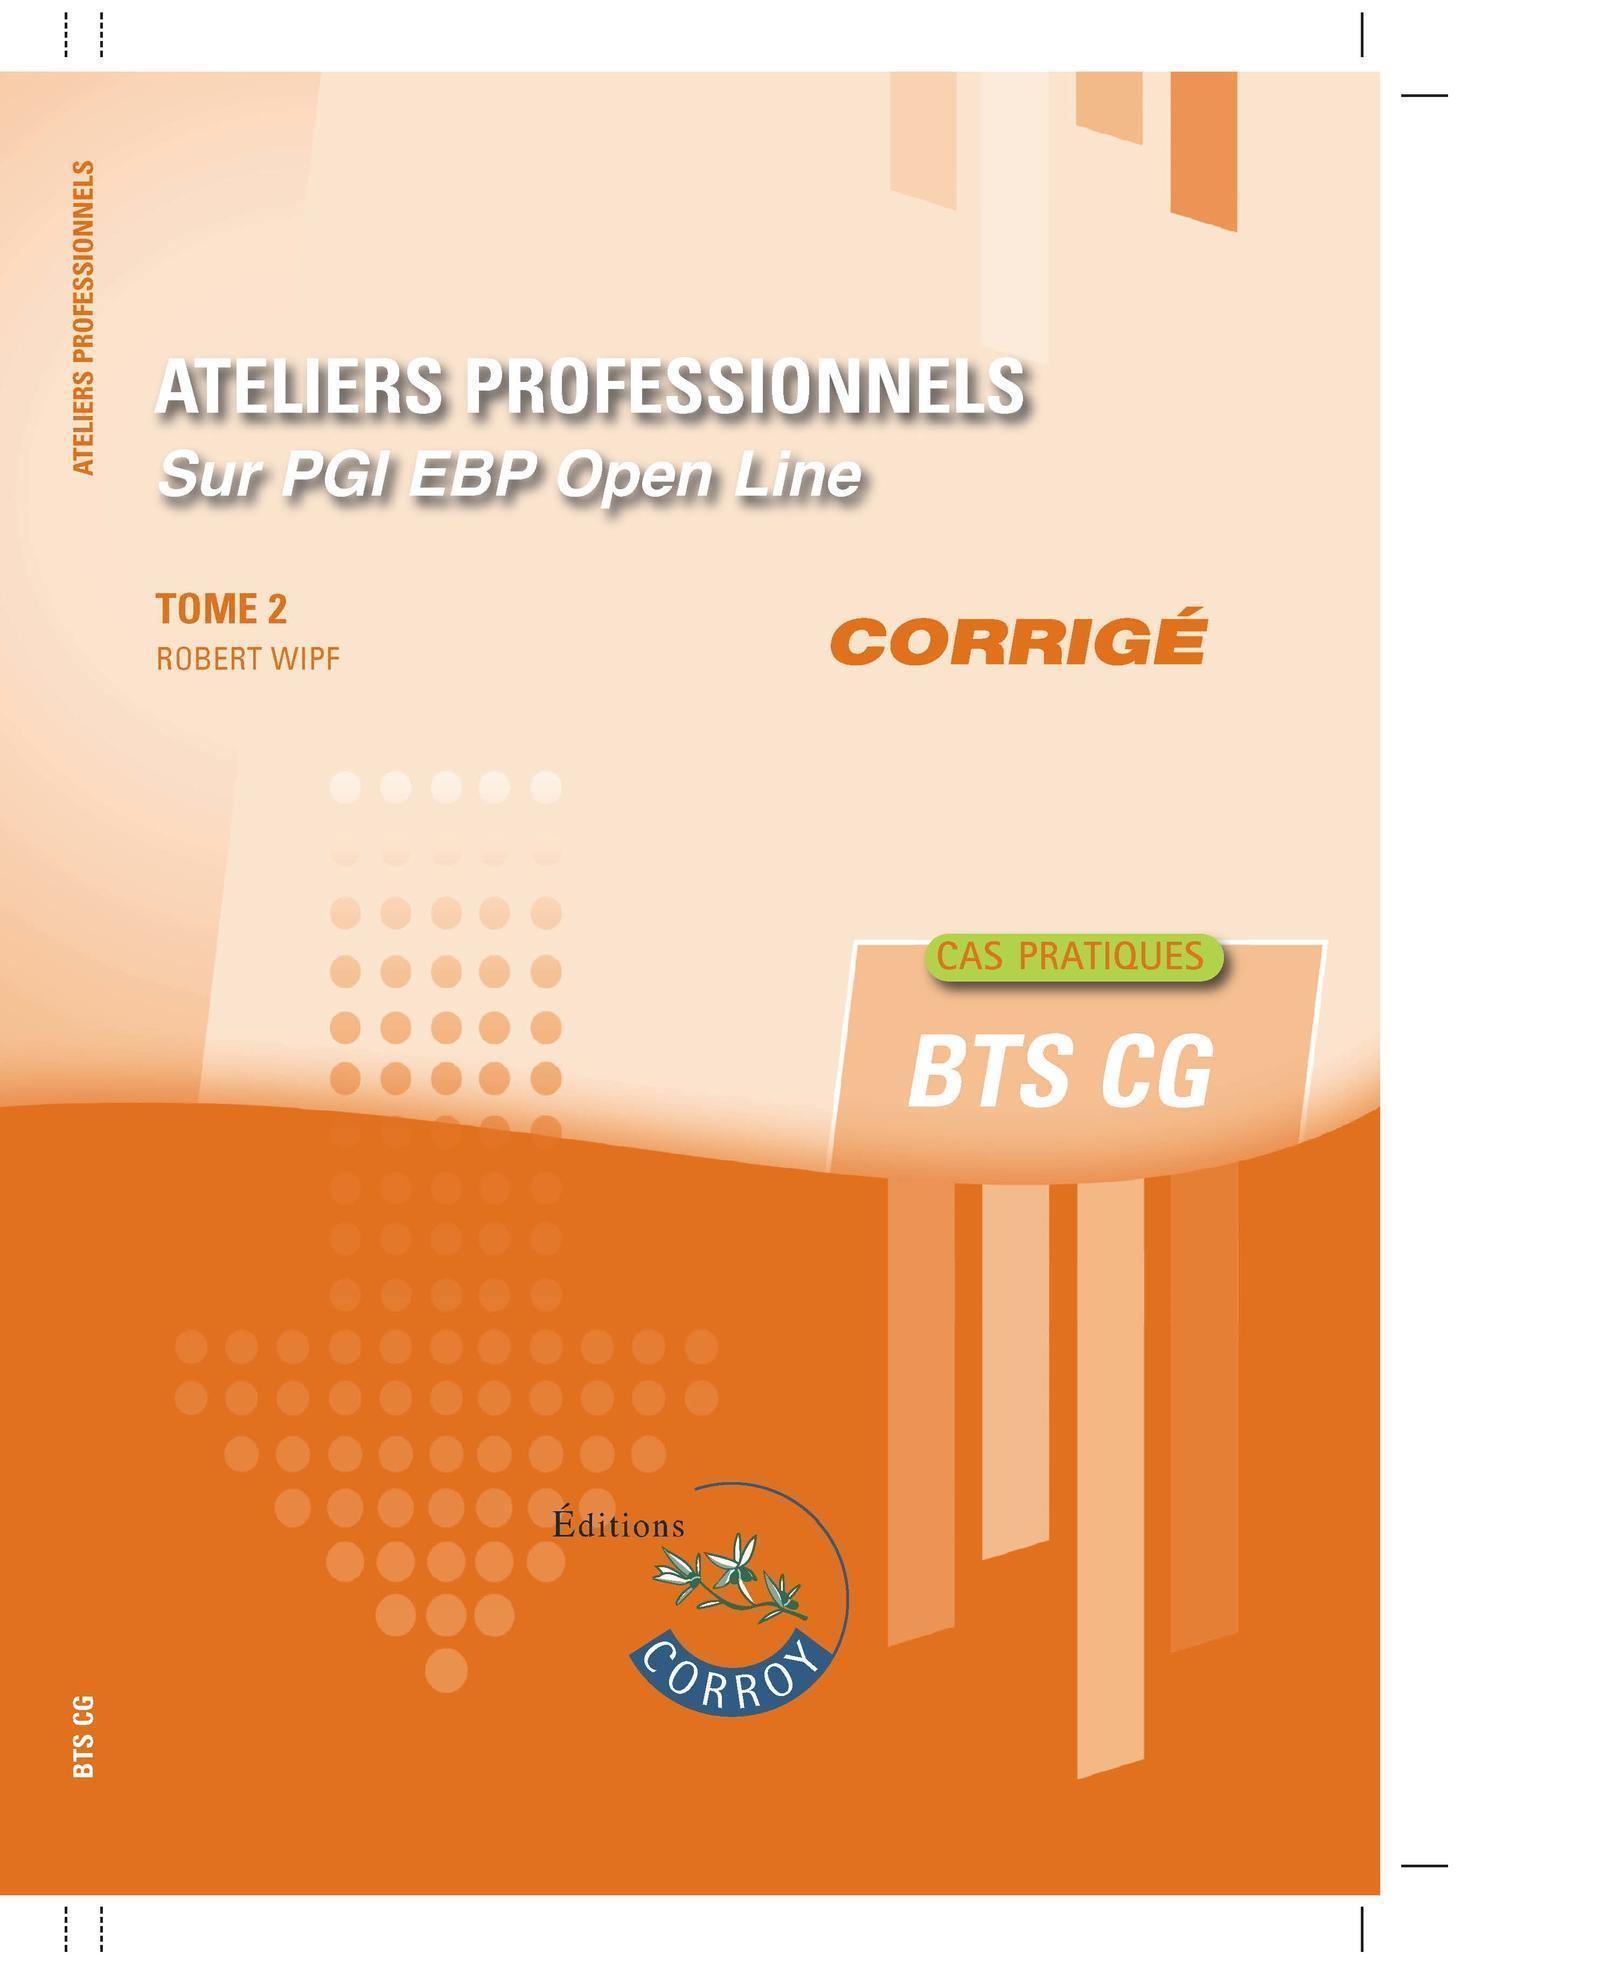 ATELIERS PROFESSIONNELS T2 - CORRIGE - SUR PGI EBP OPEN LINE